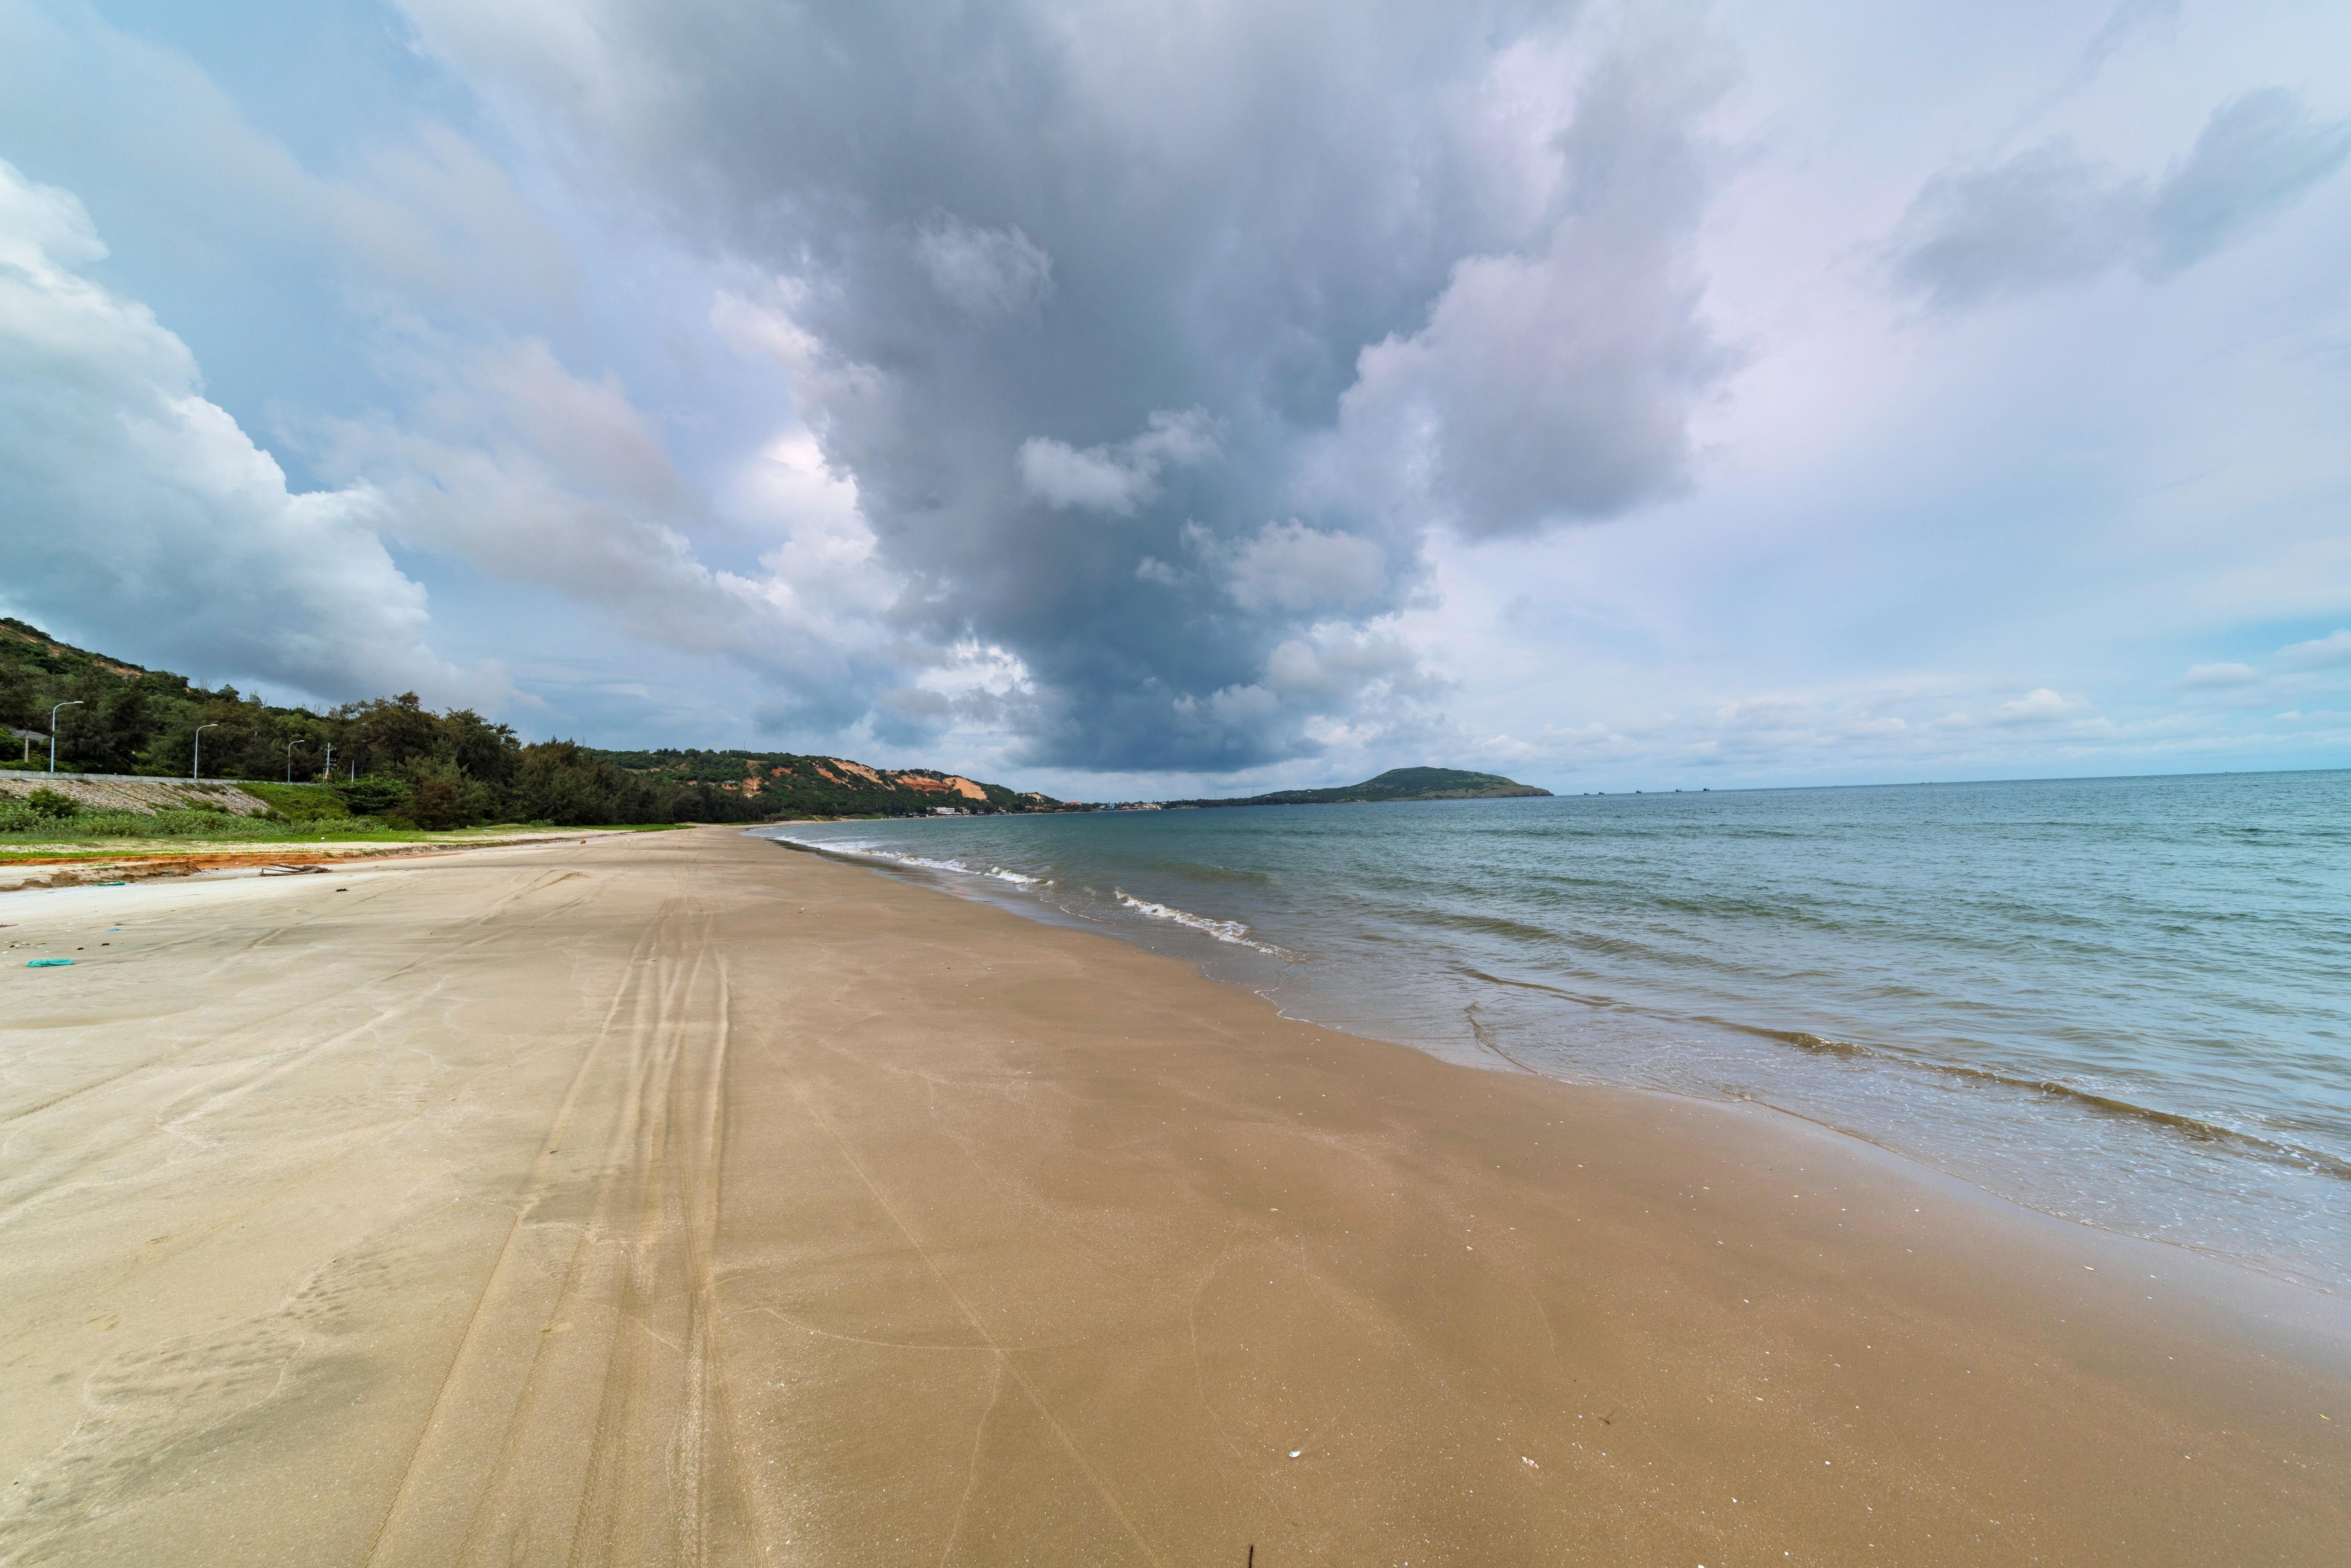 Ganh Beach